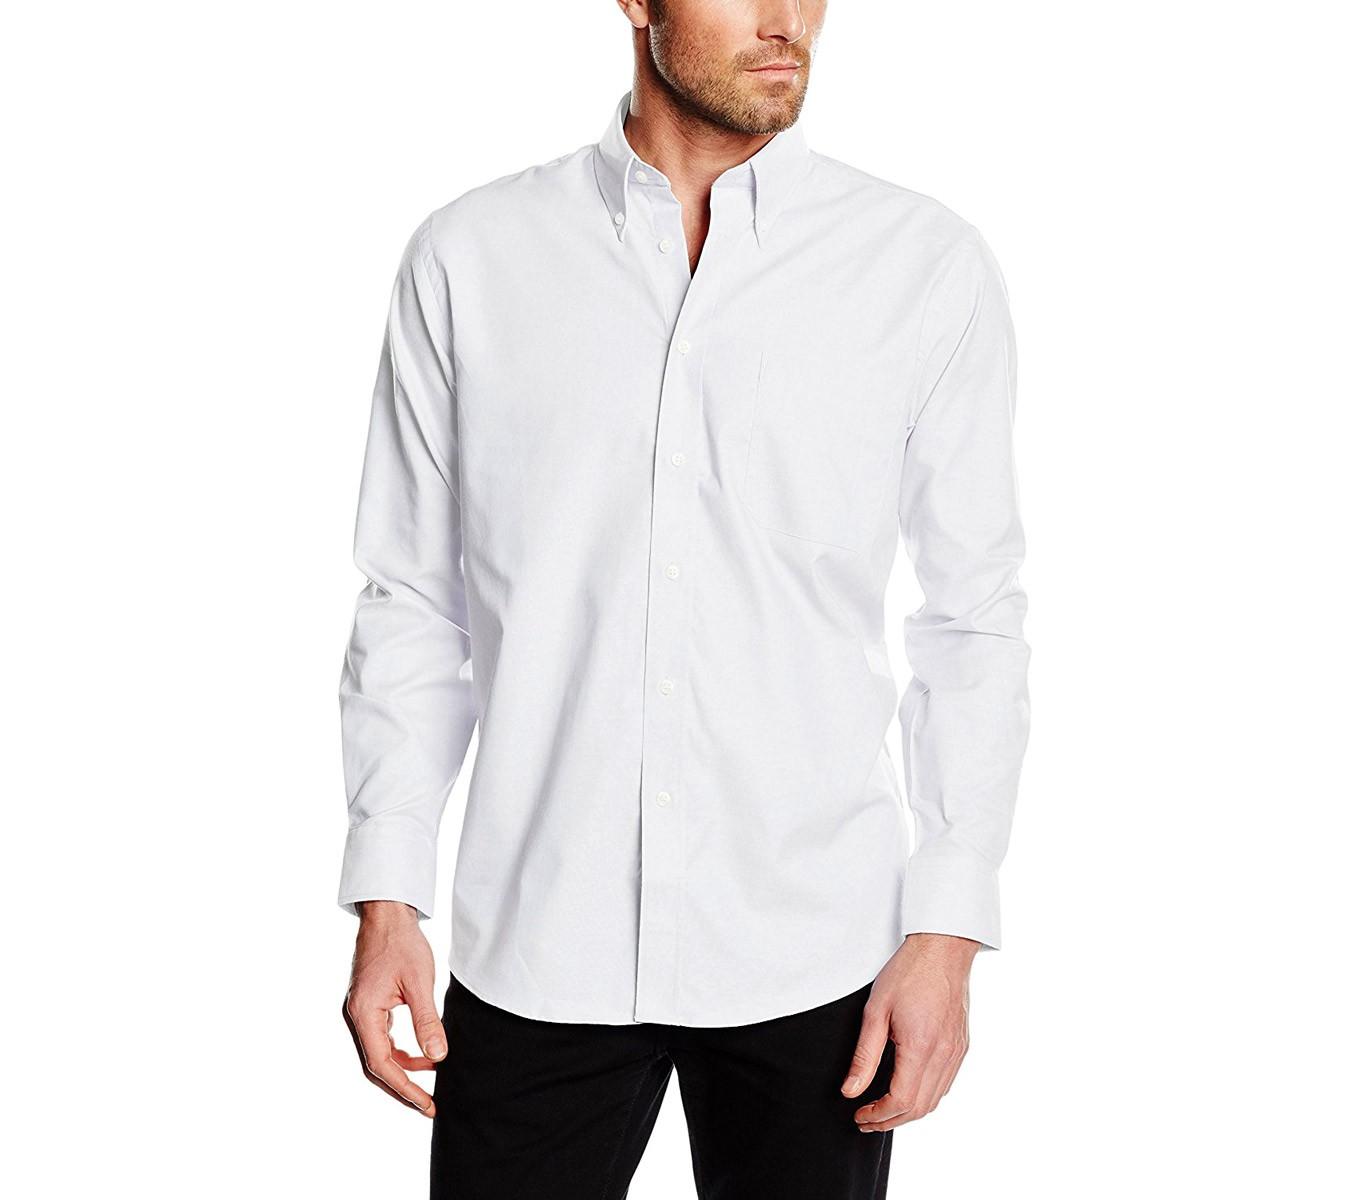 MEDIA WAVE store Camicia da Uomo Modello Alex Regular Fit in Cotone Colletto Classico Vari Colori 44//45, Bordeaux